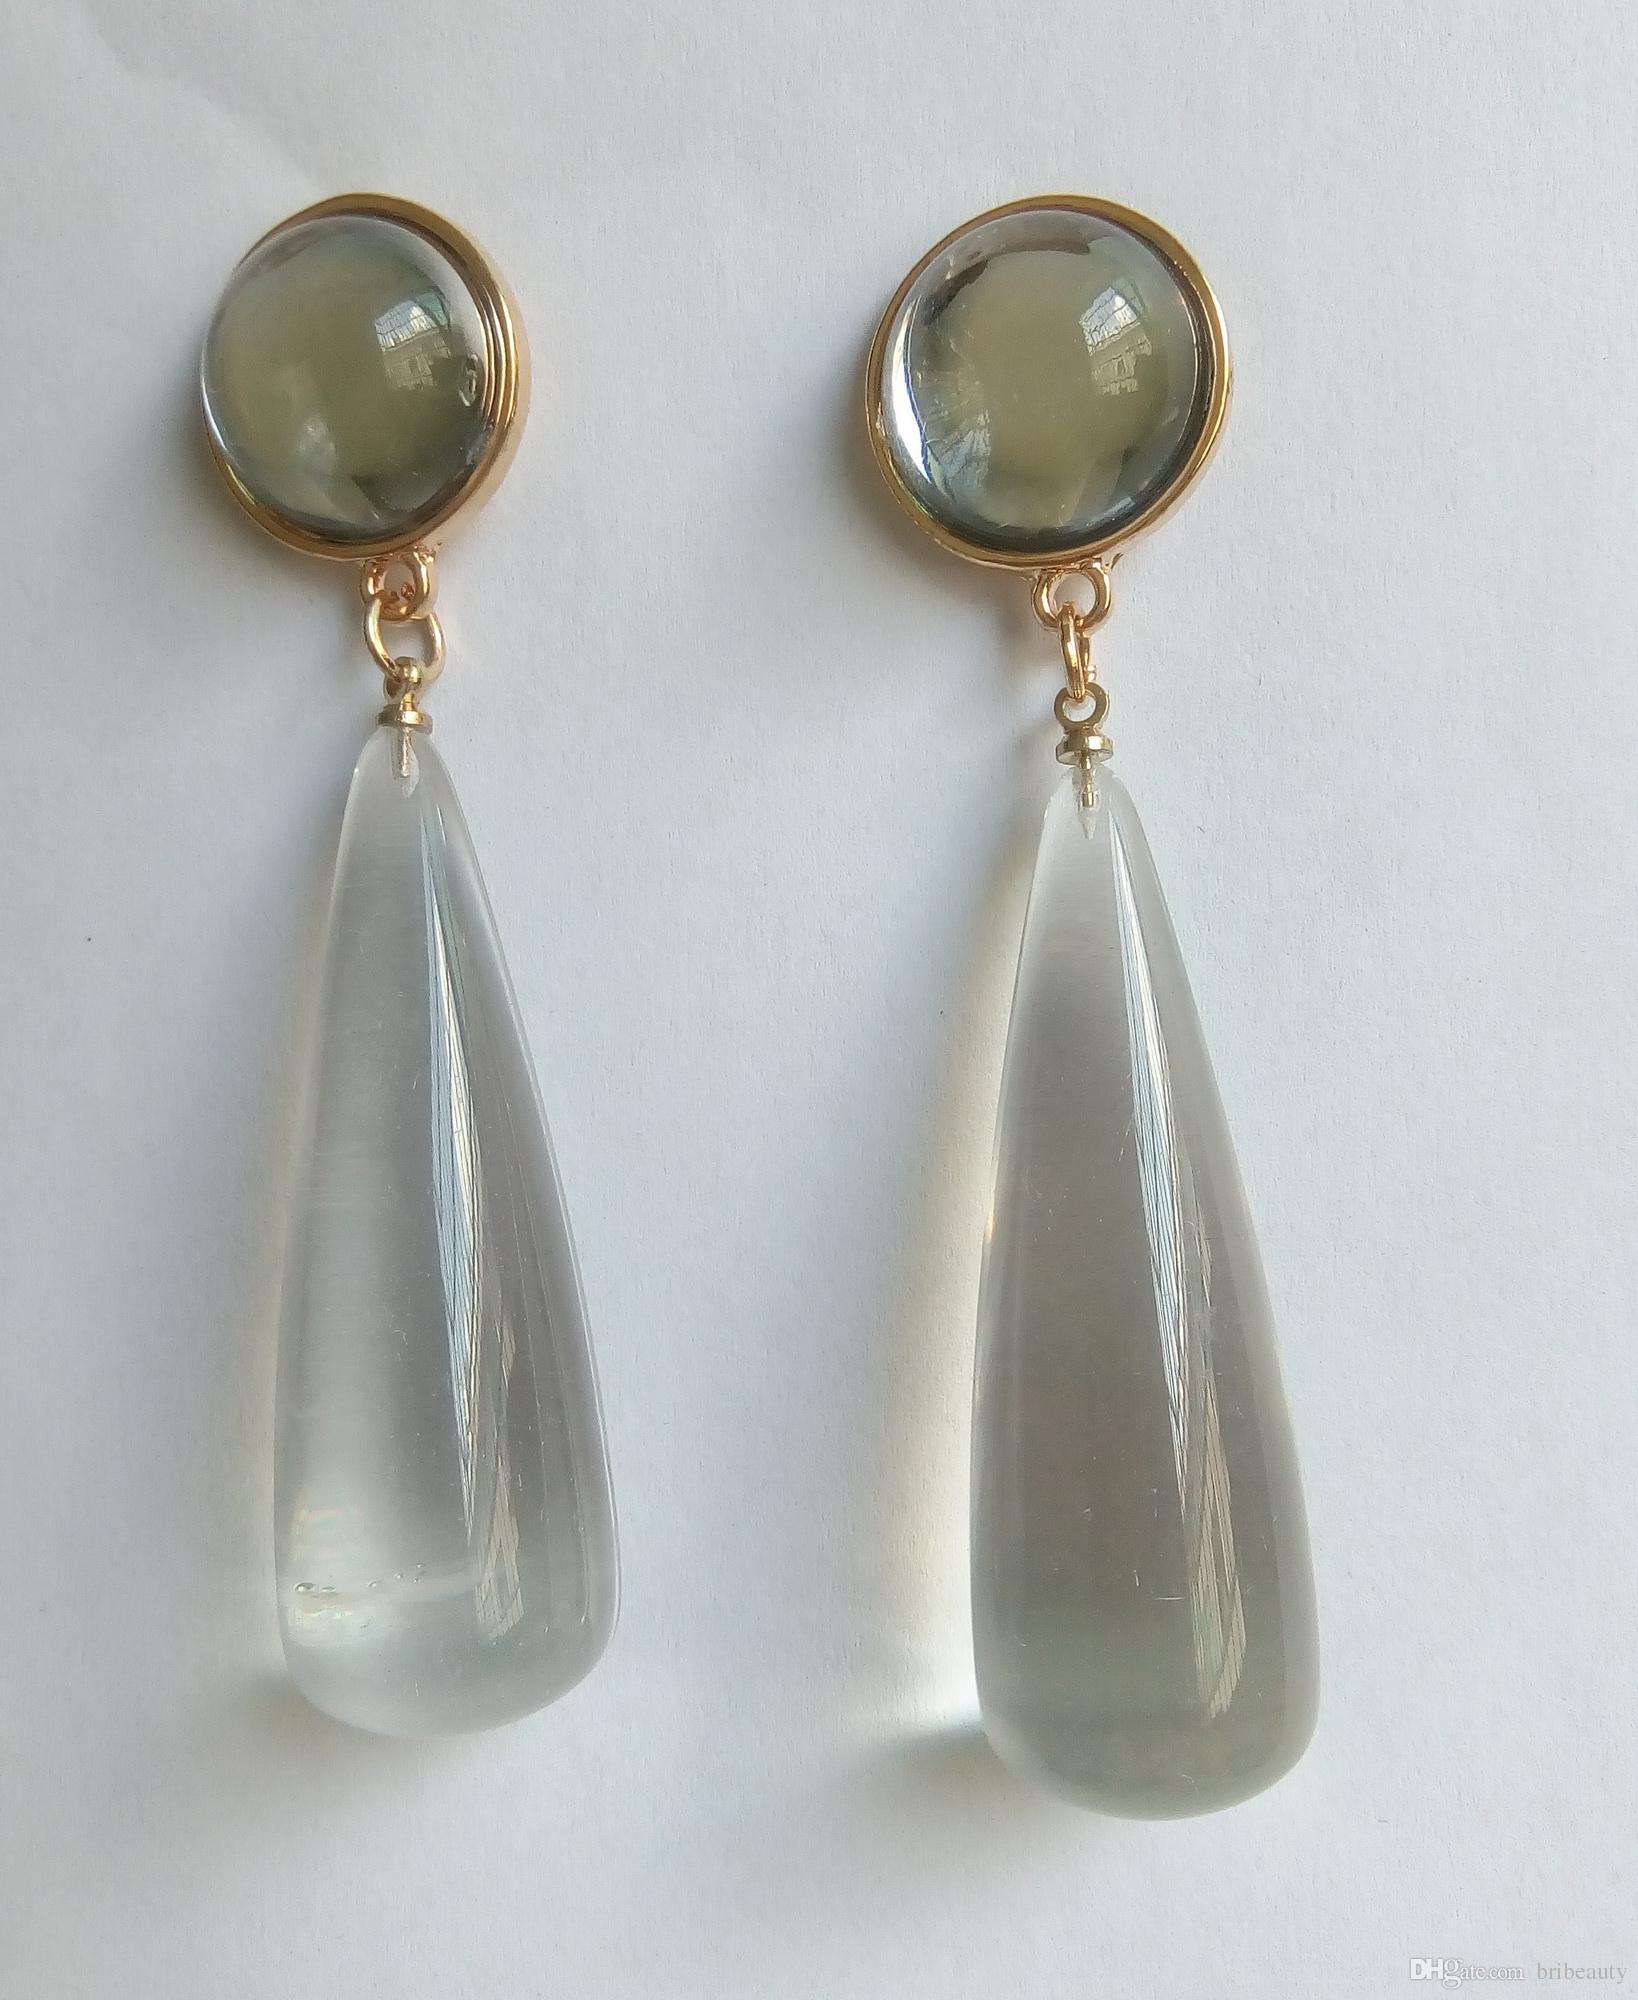 Bribeauty Fashion Lucite orecchini New Clear Resin Stone Drop Earring 14K gioielli in ottone placcato oro classico per le donne